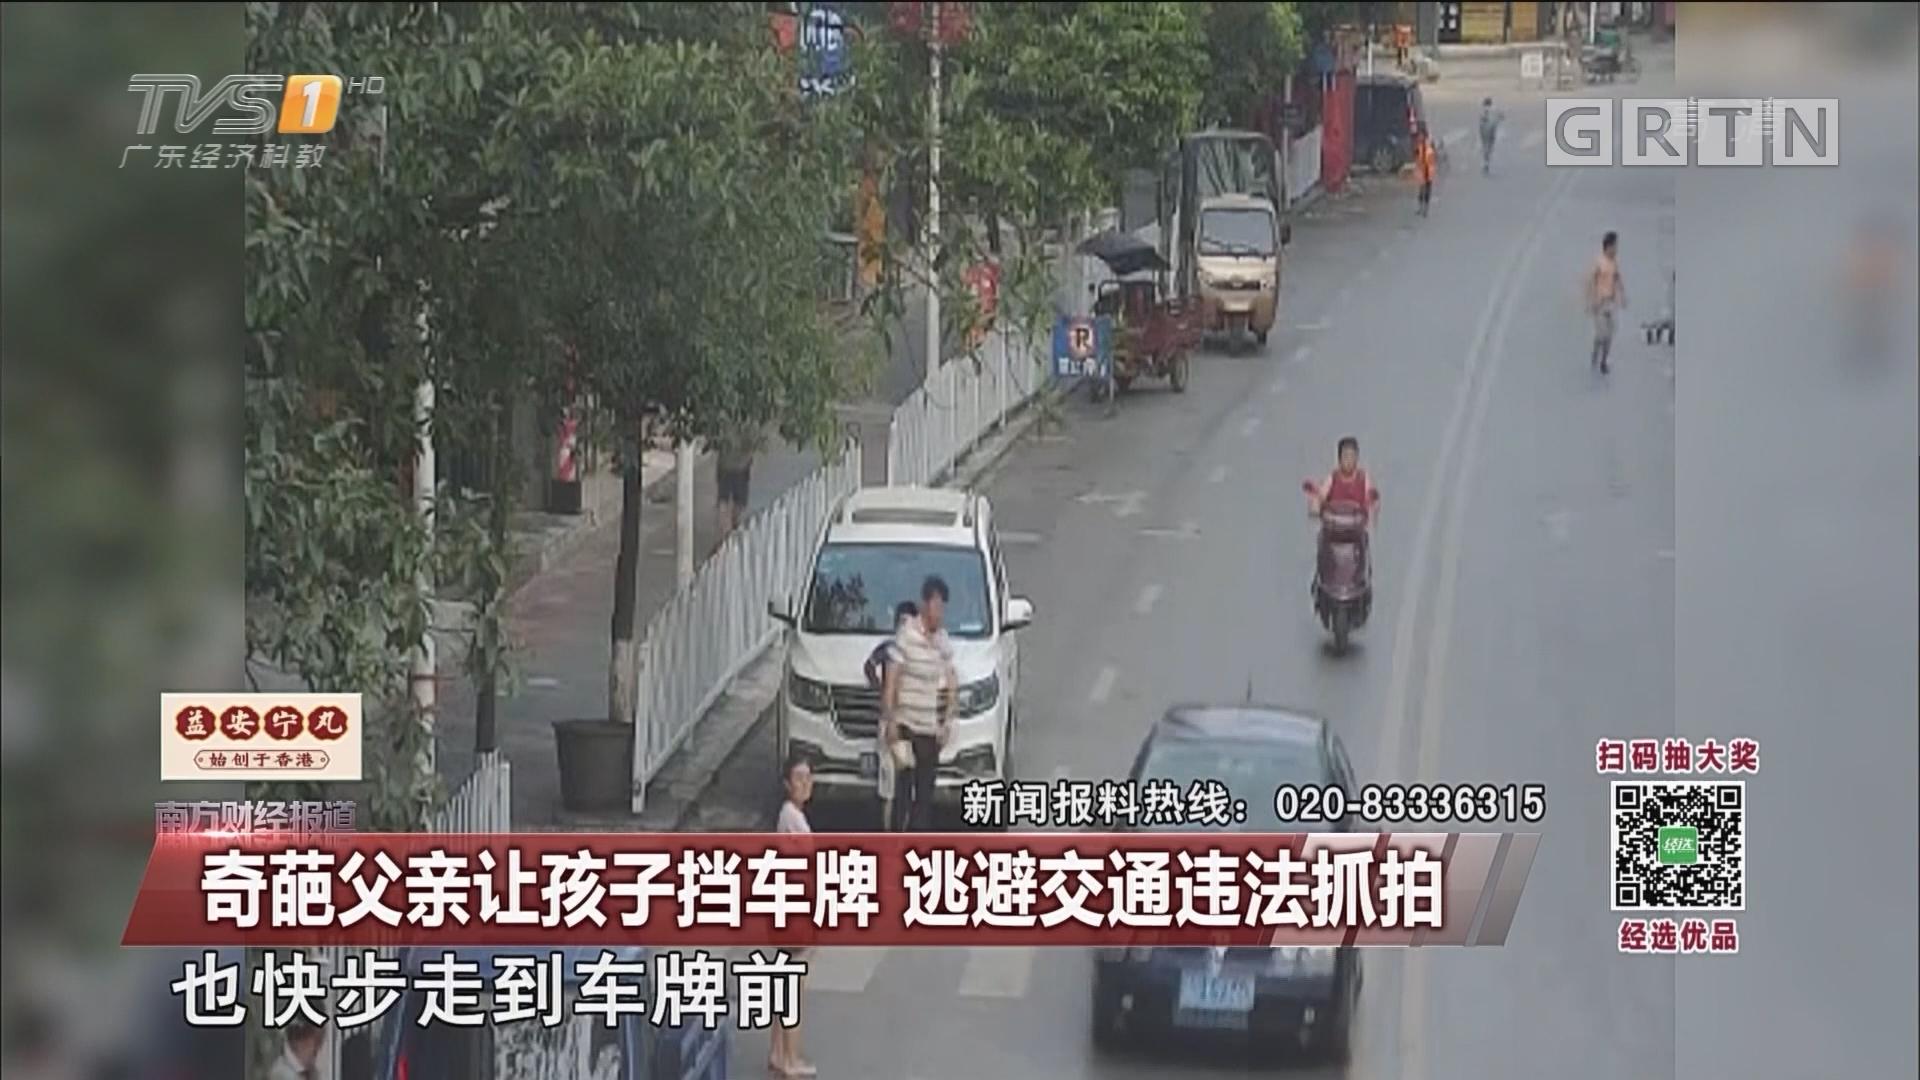 奇葩父亲让孩子挡车牌 逃避交通违法抓拍